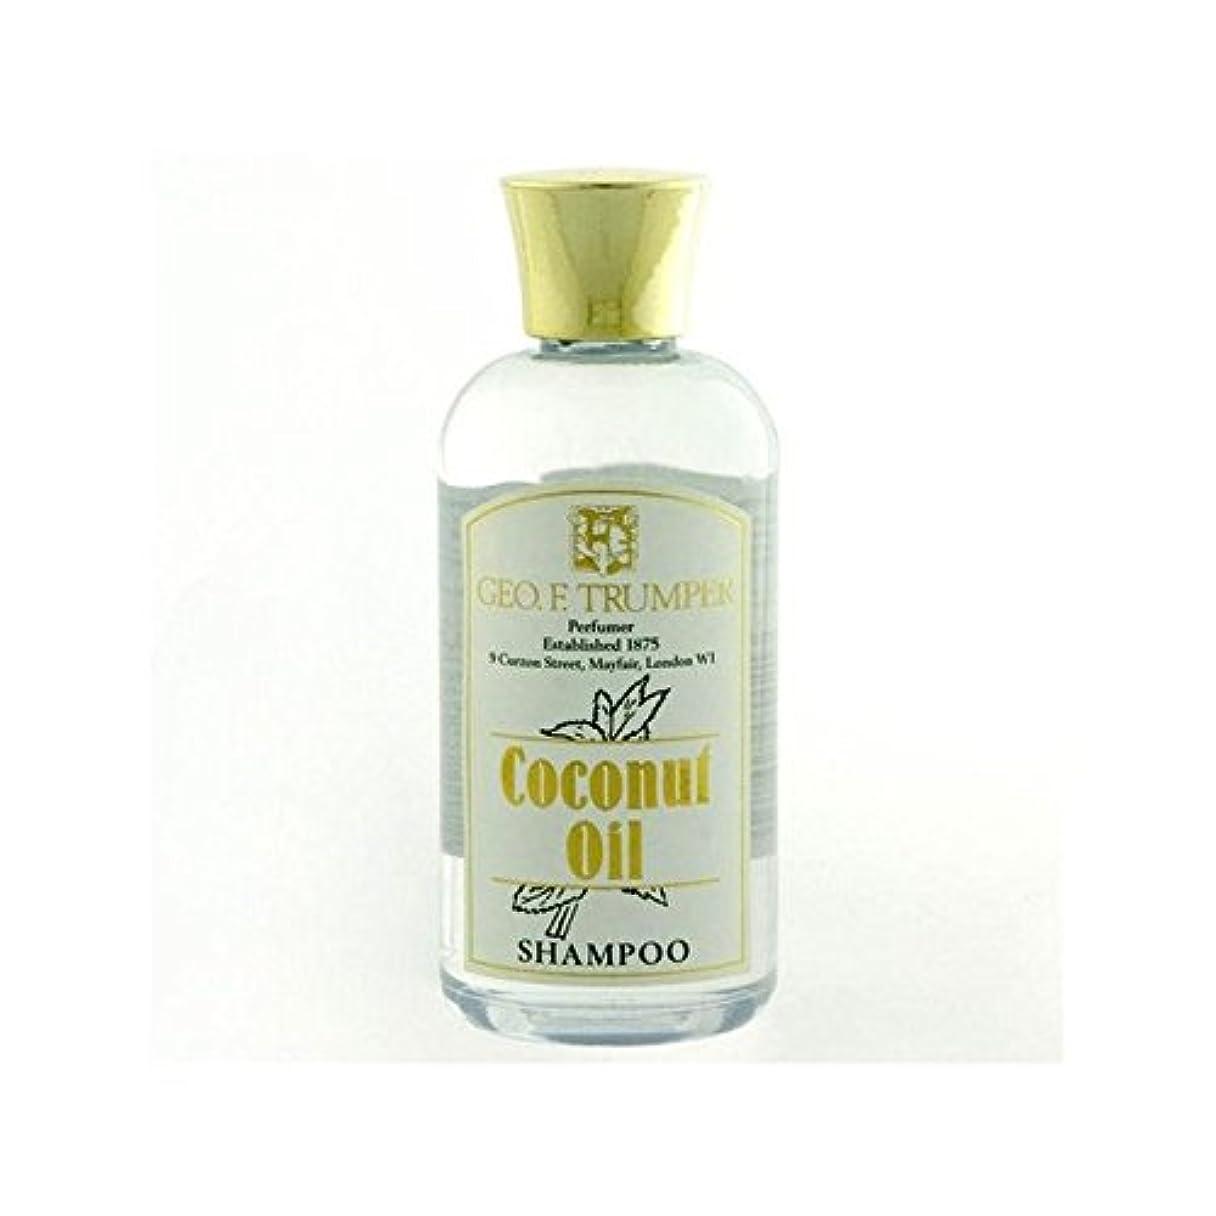 通行料金カプラー唯一ココナッツオイルシャンプー - 100ミリリットル旅 x4 - Trumpers Coconut Oil Shampoo - 100ml Travel (Pack of 4) [並行輸入品]